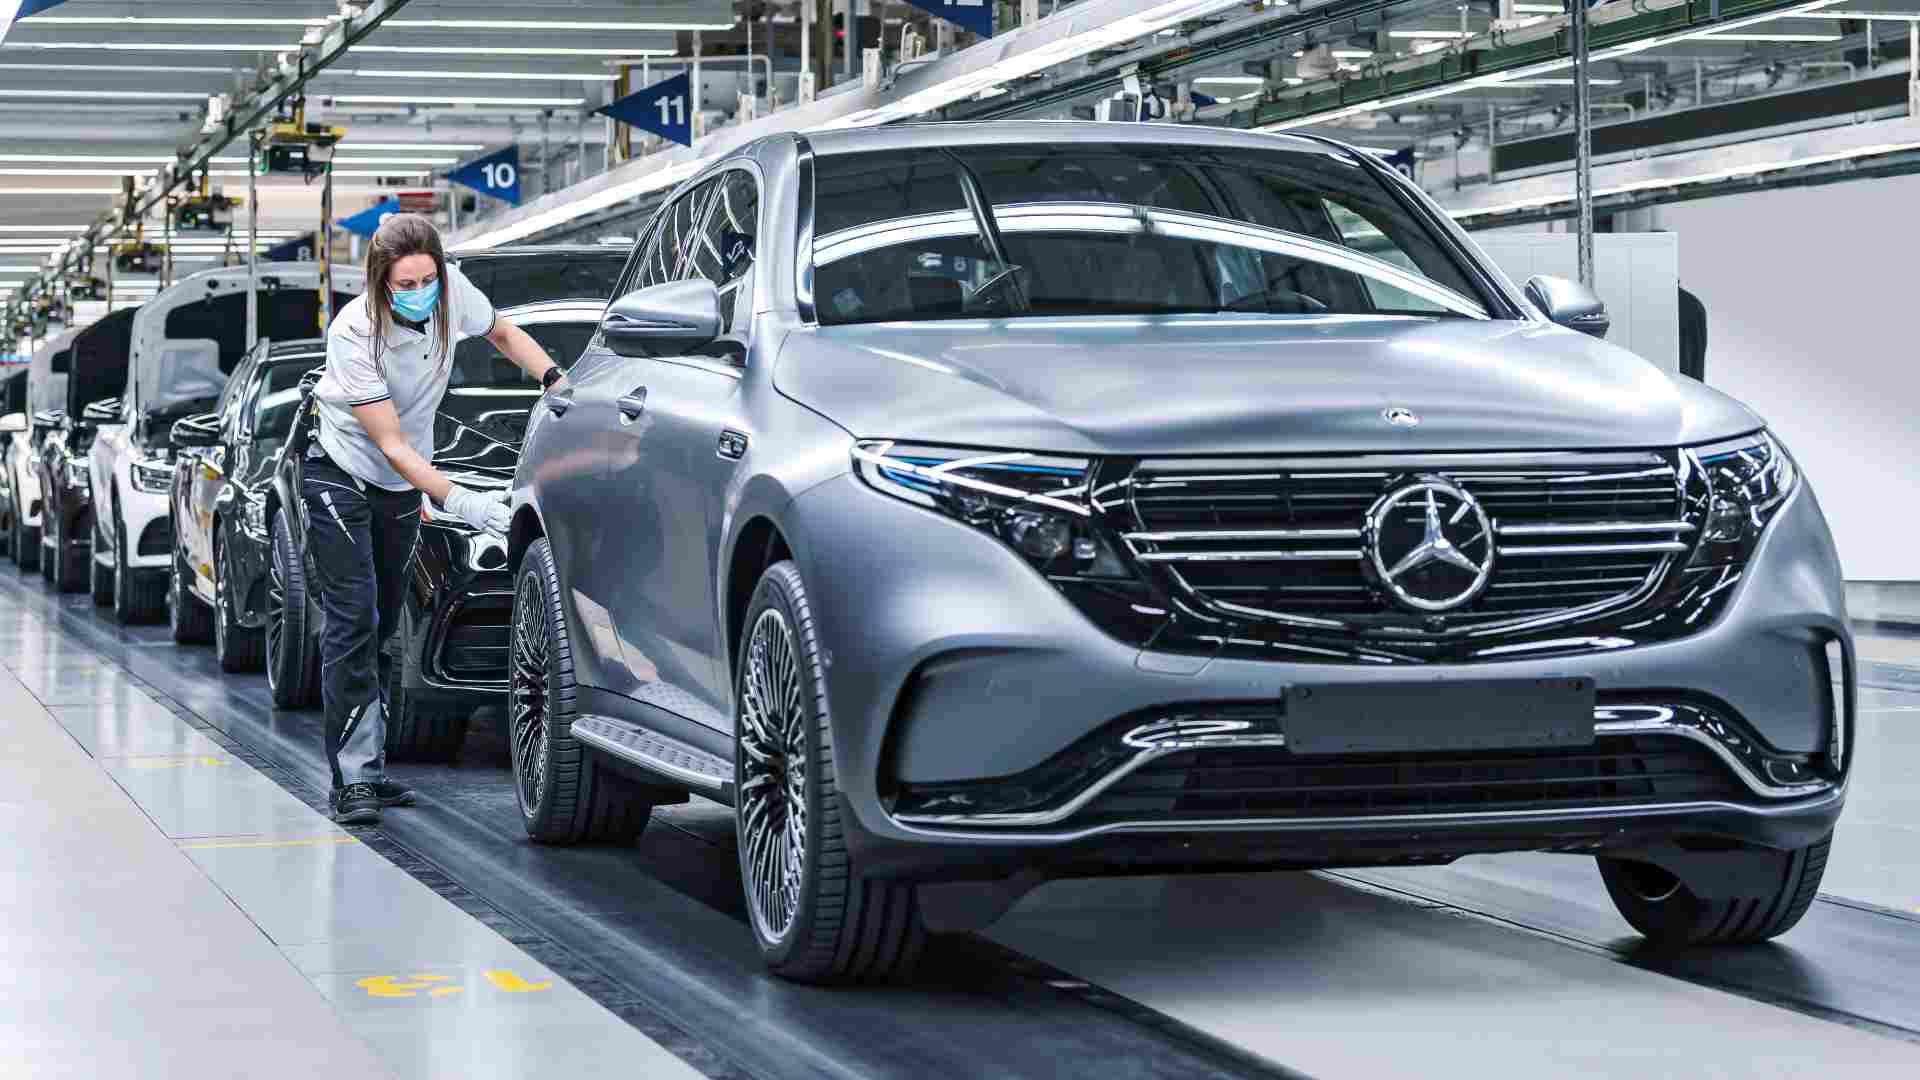 Un certain nombre de constructeurs automobiles, dont Mercedes-Benz, se sont déjà engagés dans un avenir entièrement électrique.  Image : Mercedes-Benz